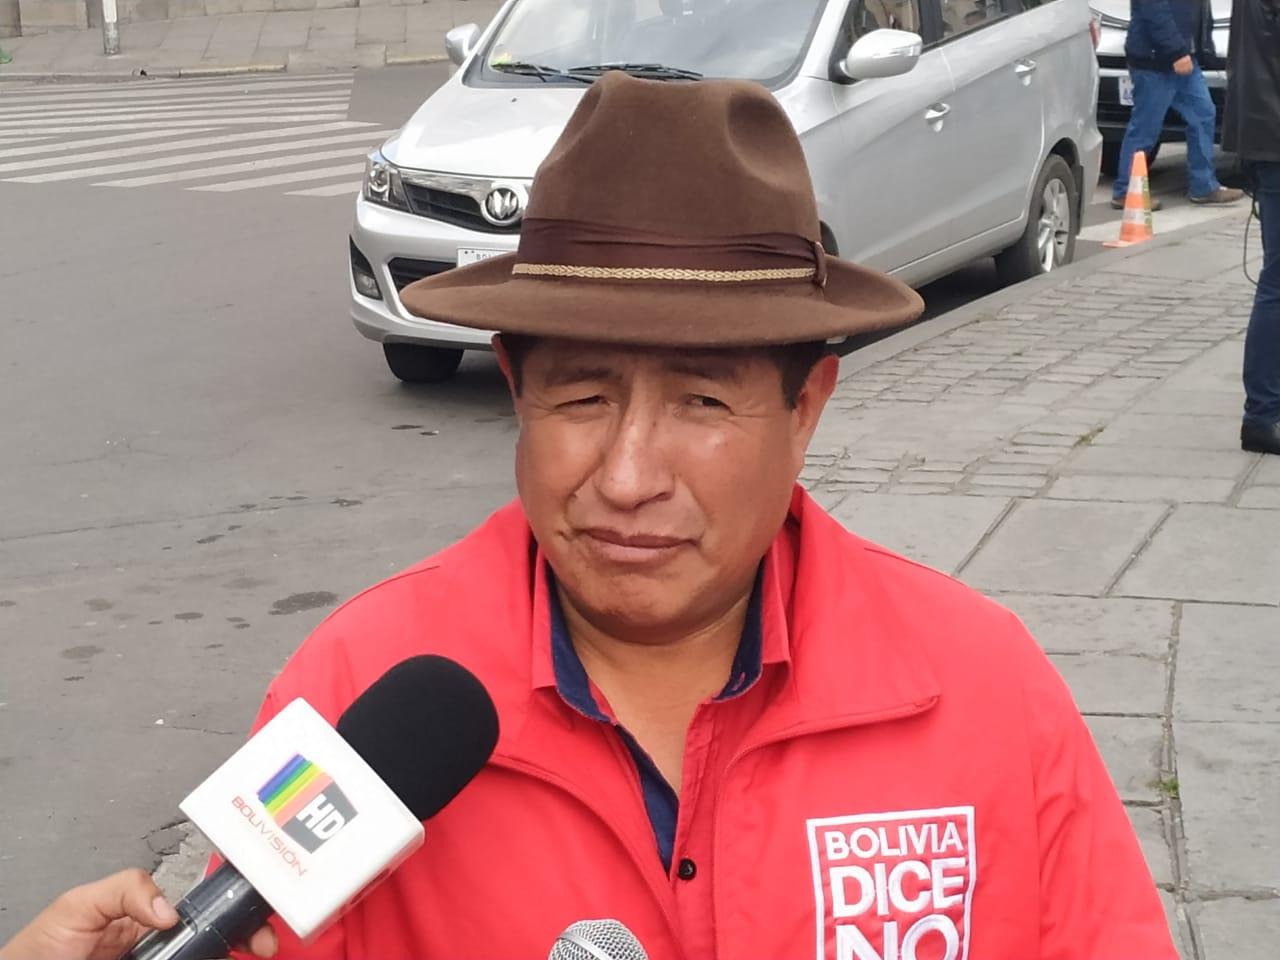 Rafael Quispe se perfila como posible acompañante de Ortiz por Bolivia Dice No